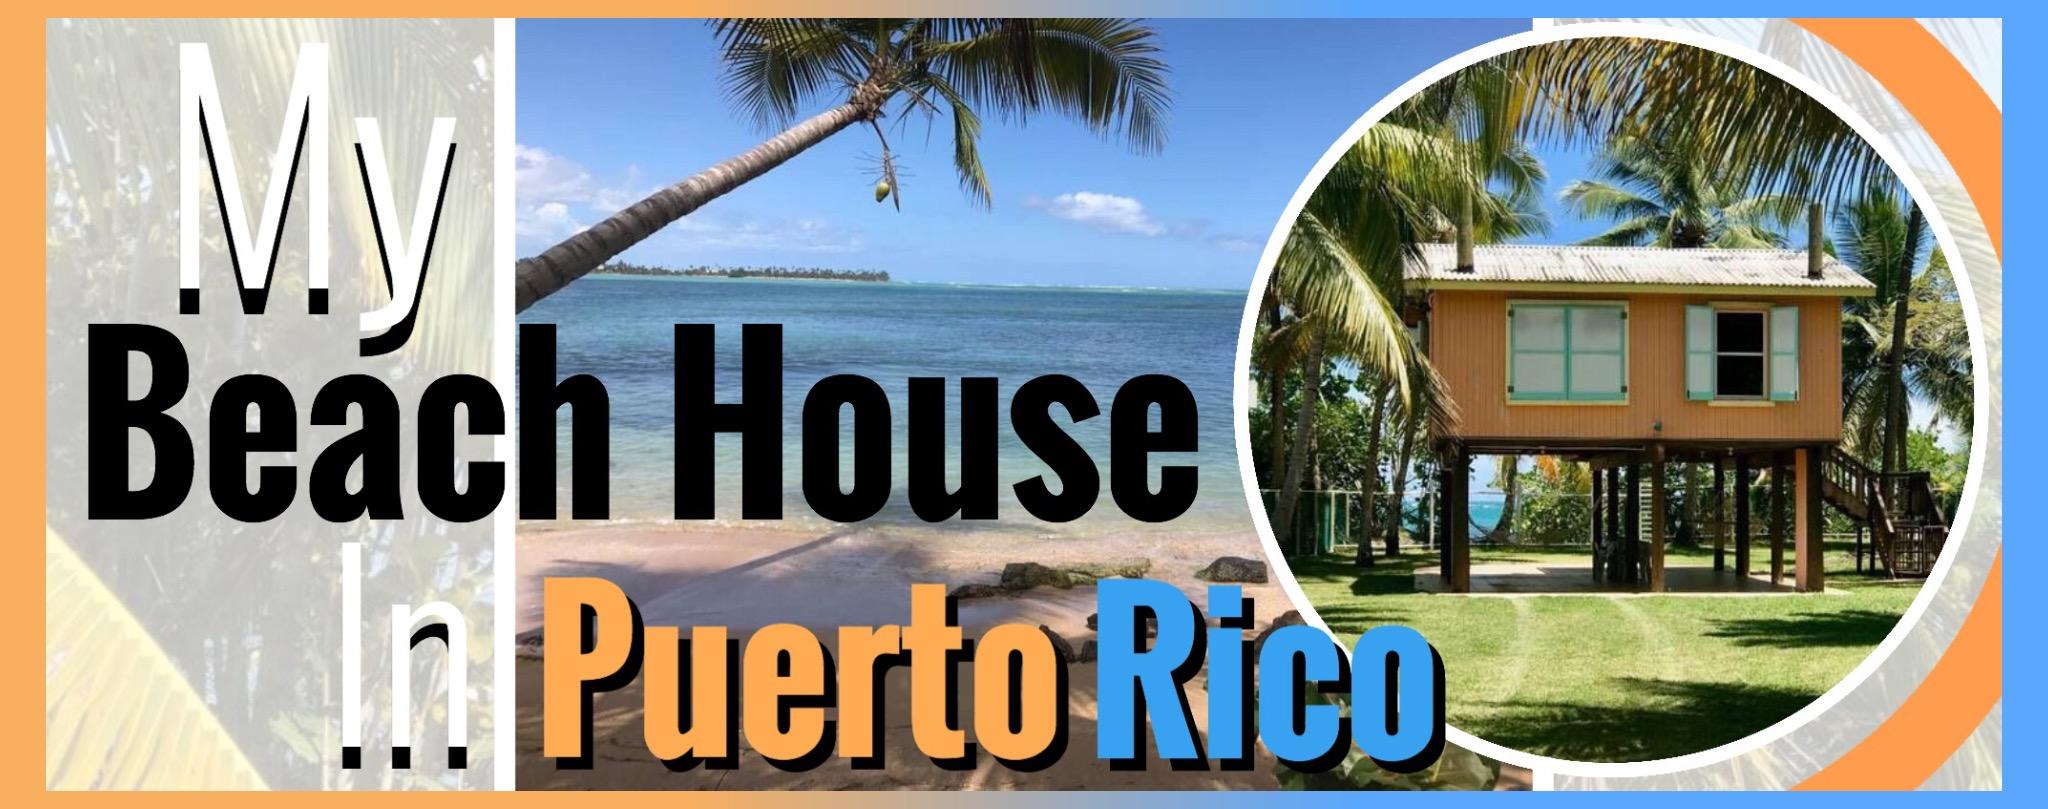 beach-house-thumbnail.JPG